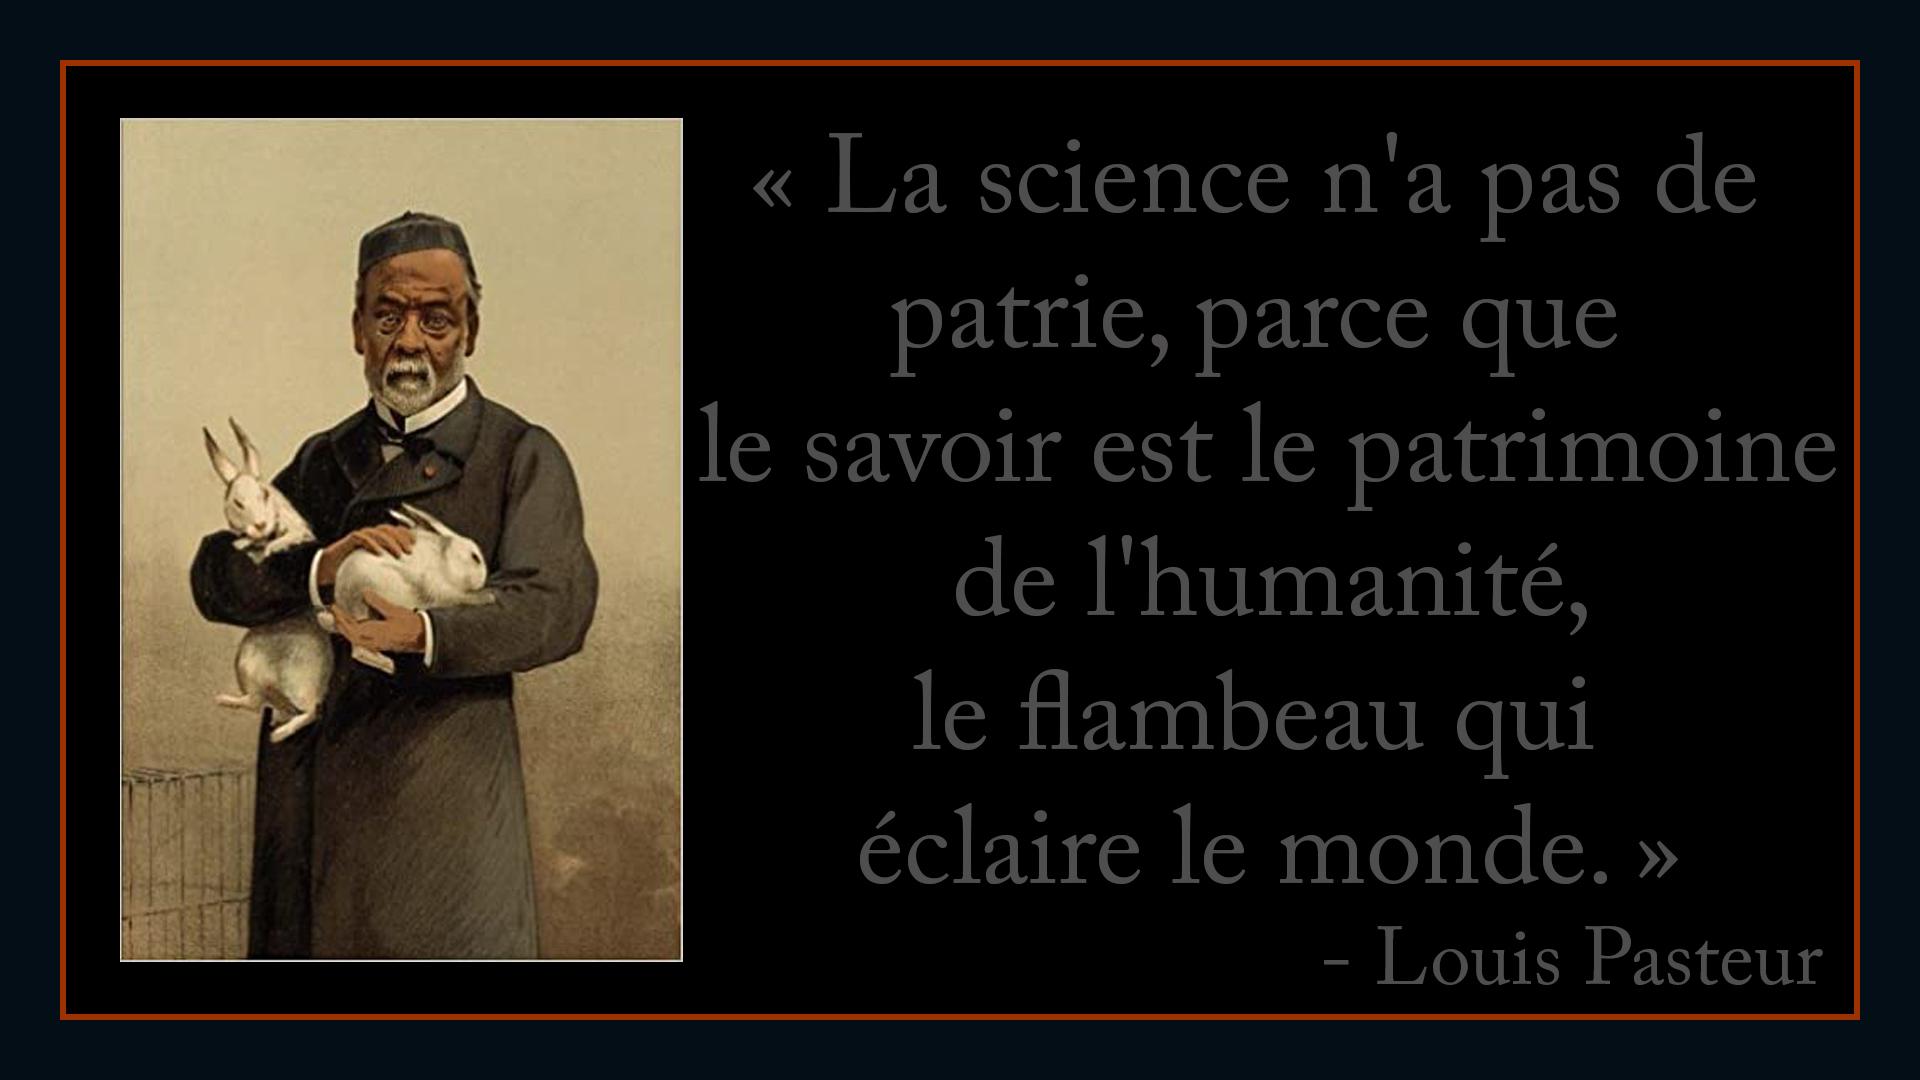 La science n'a pas de patrie, parce que le savoir est le patrimoine de l'humanité, le flambeau qui éclaire le monde d'purb dpurb site web